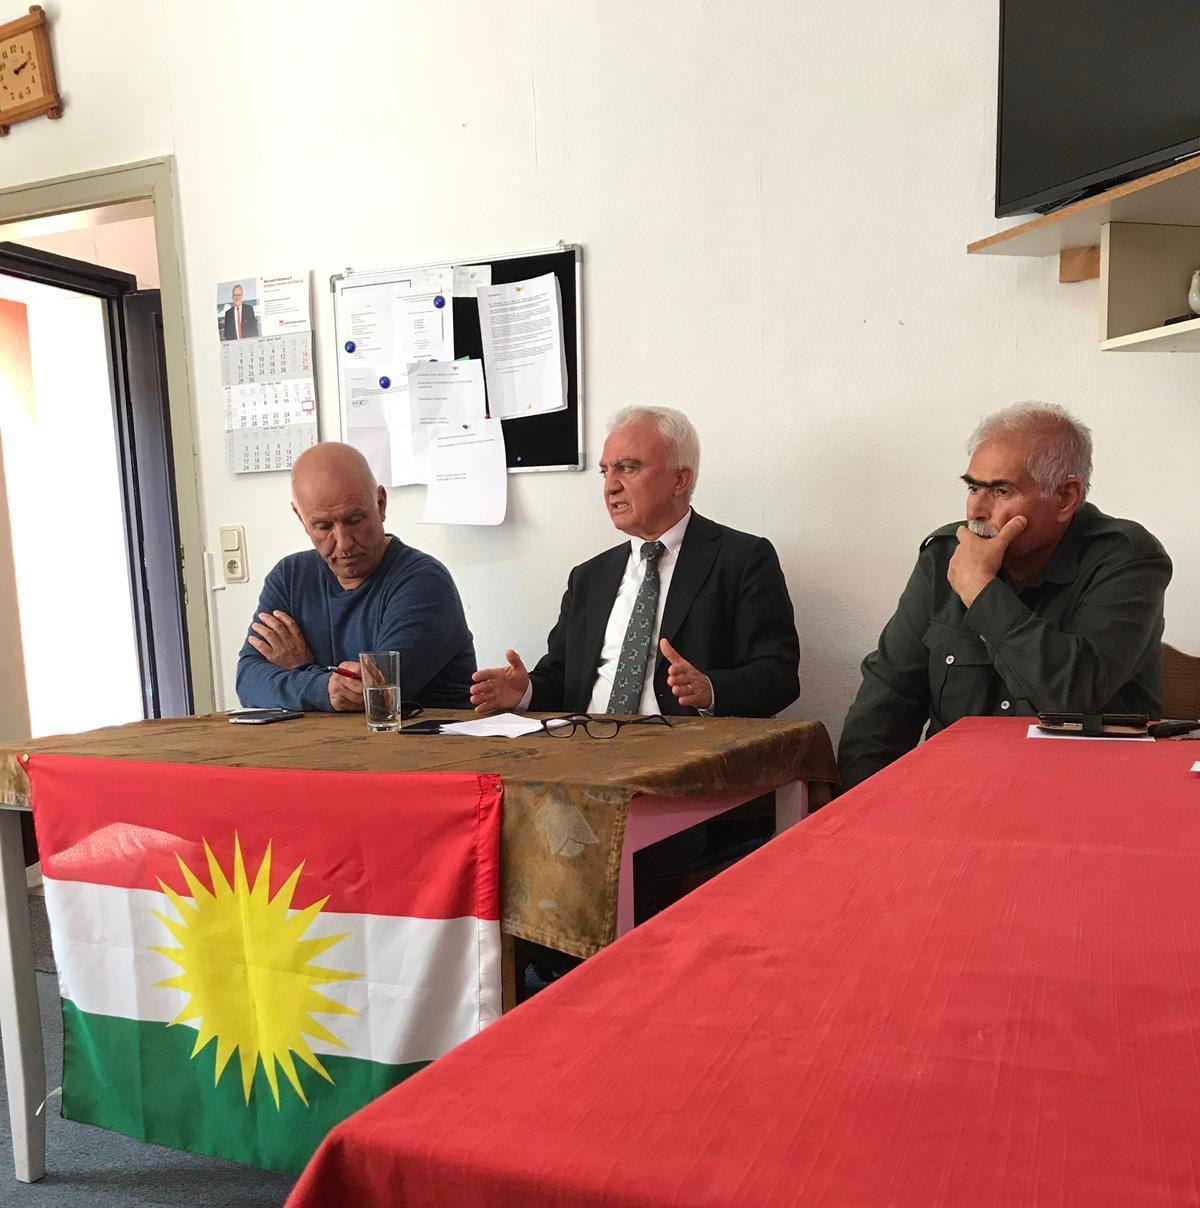 Kasım Ergün: Tifaqa di navbera partîyên Kurdistanî de girîng e